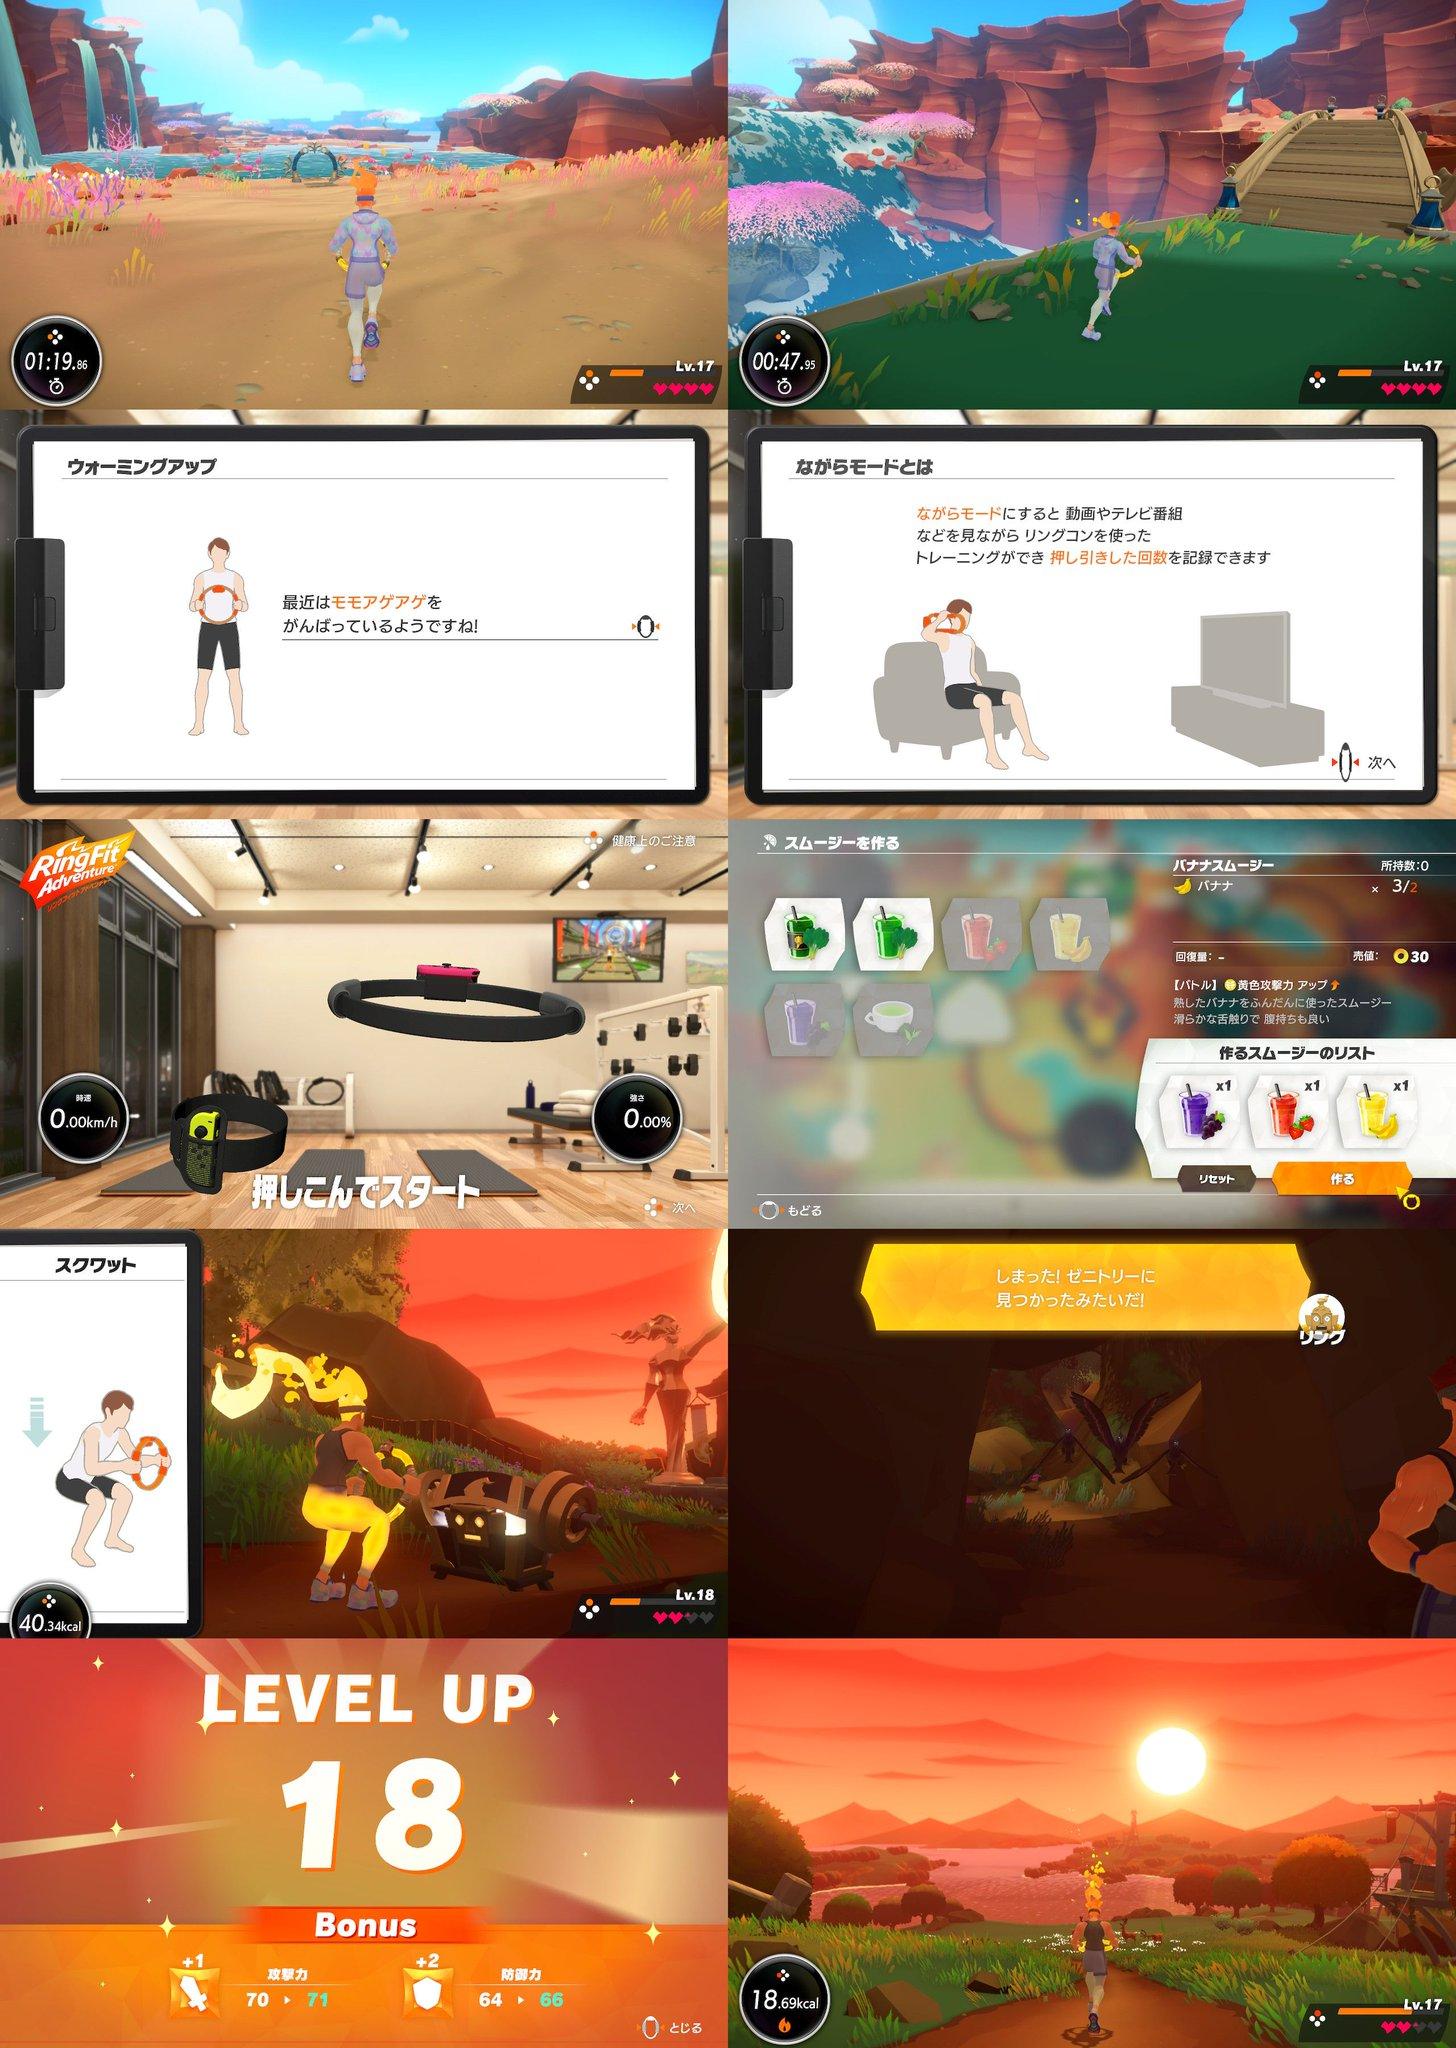 リングフィットアドベンチャーちょっとずつやってる、というか1週間に1回ぐらいしかできていないような(;・∀・) #リングフィットアドベンチャー #RingFitAdventure #NintendoSwitch https://t.co/Kir2Ylb2GM